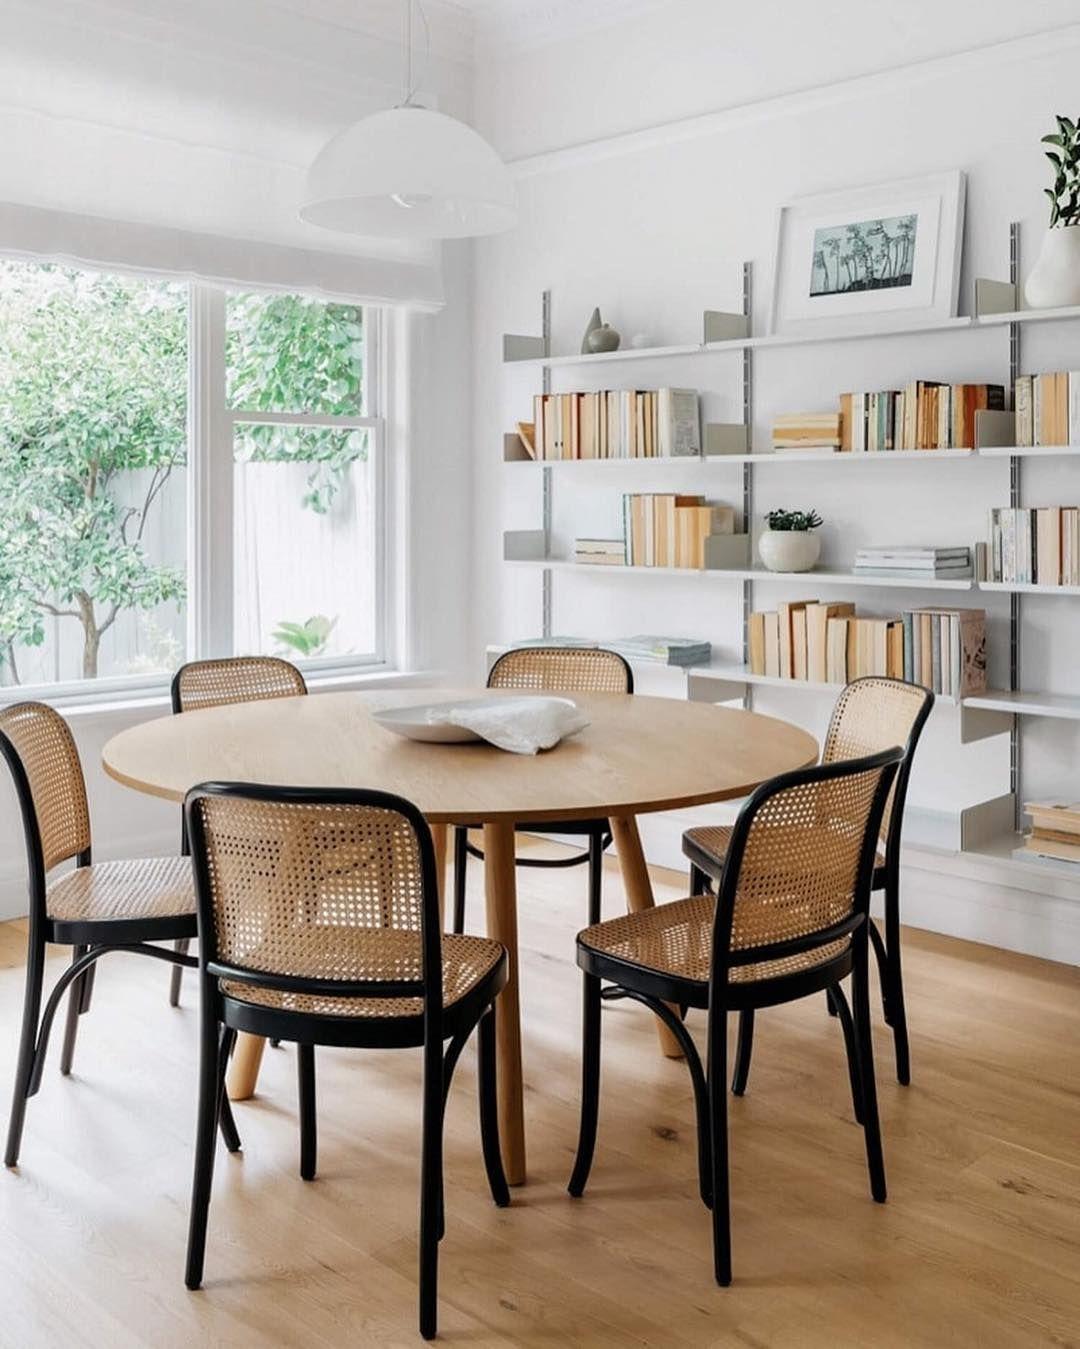 10+ Top Wicker Living Room Set